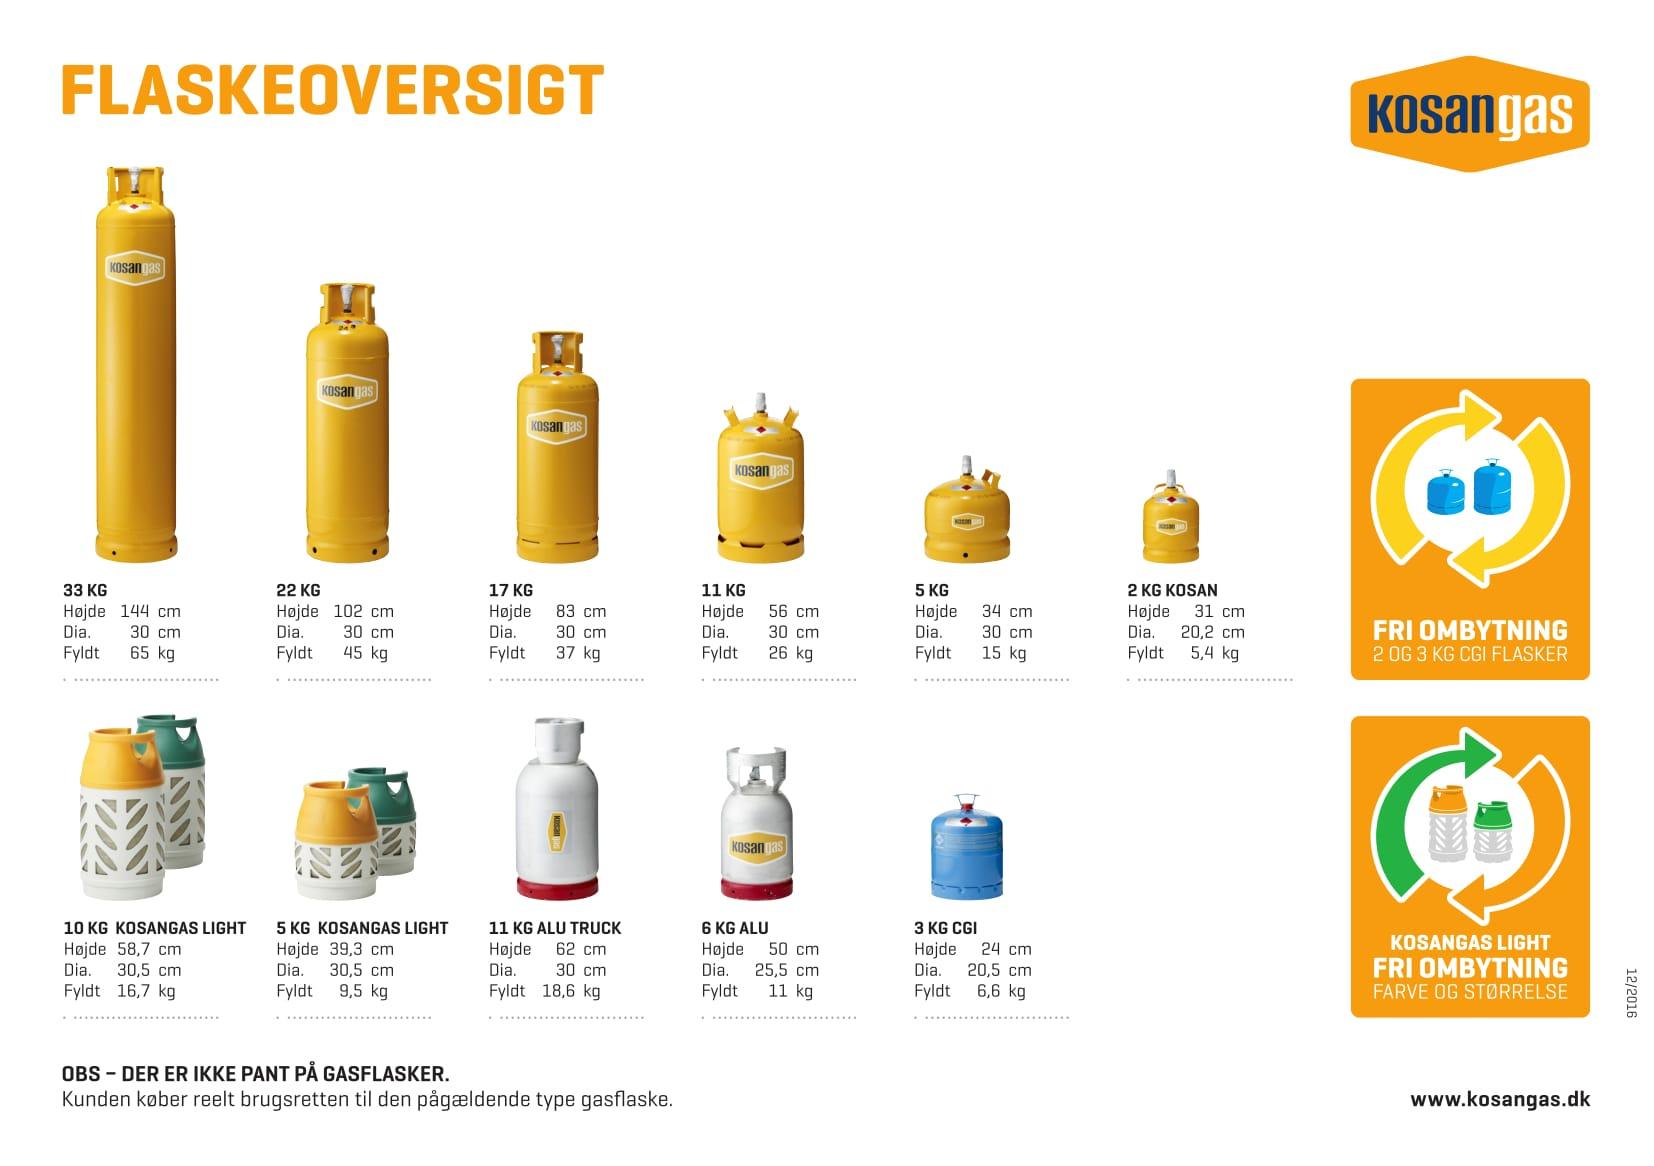 Splinternye Kosan gas | Shell Støvring EZ-36